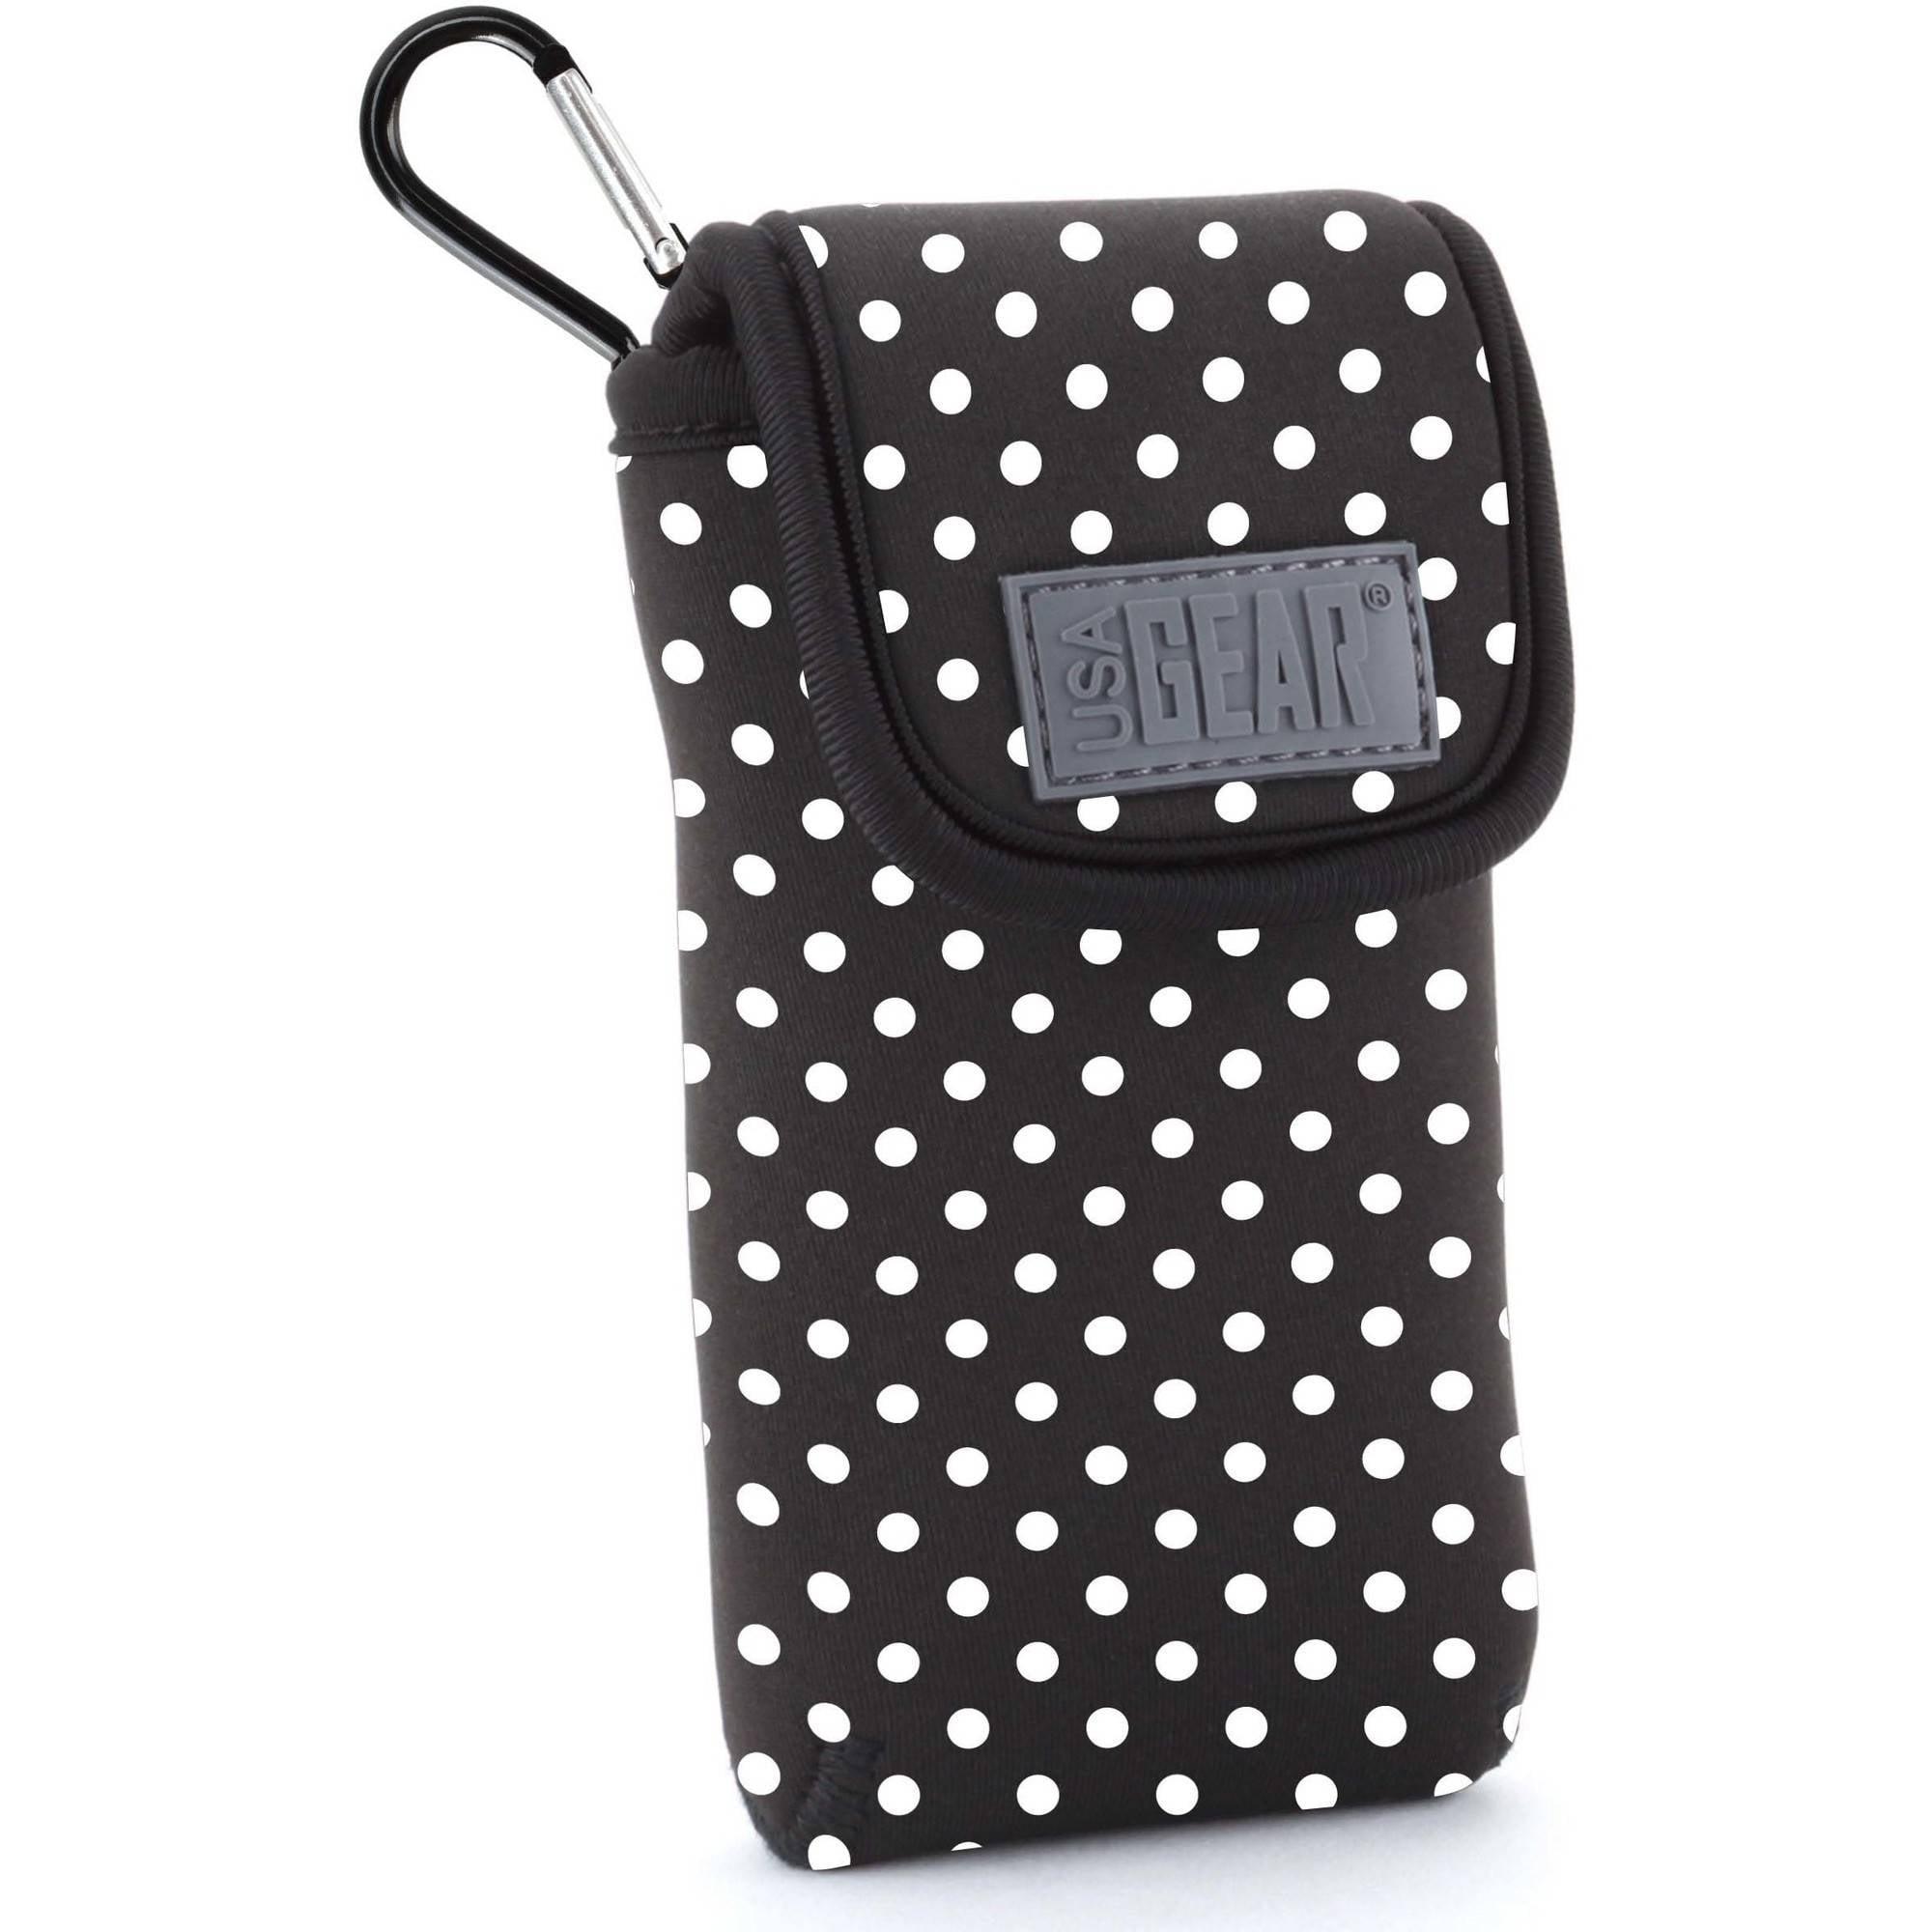 USA GEAR FlexARMOR D50 Portable Pocket Radio Case with Carabiner Clip, Polka Dot